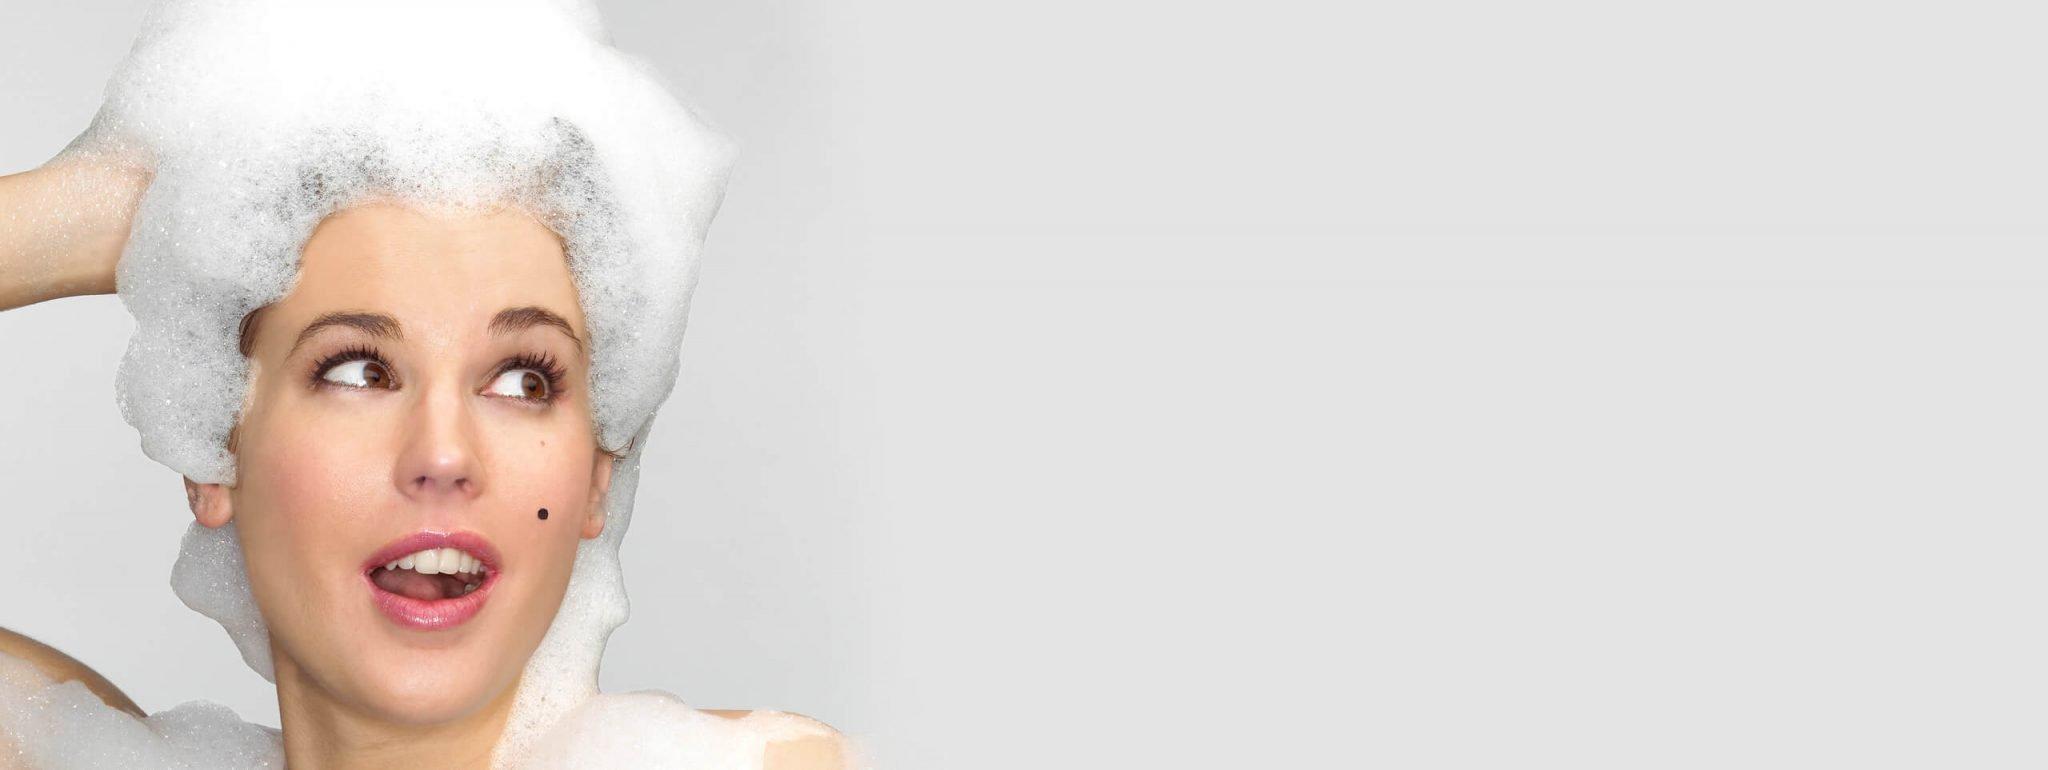 Sale nello shampoo: benefici, rischi e opinioni